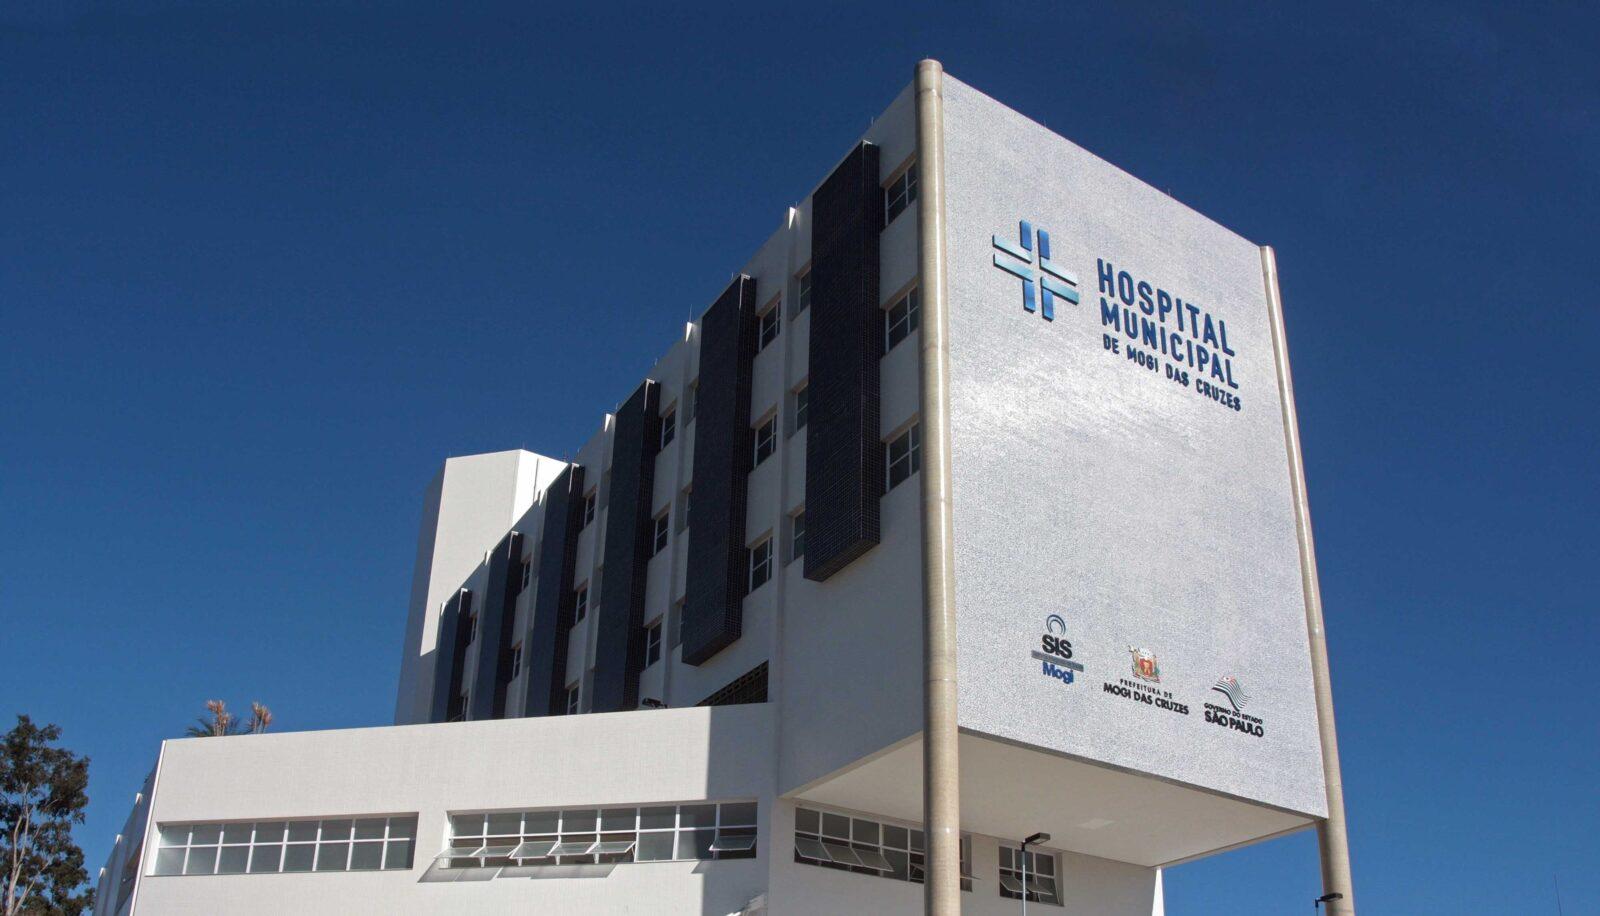 Hospital Municipal de Mogi das Cruzes em Braz Cubas